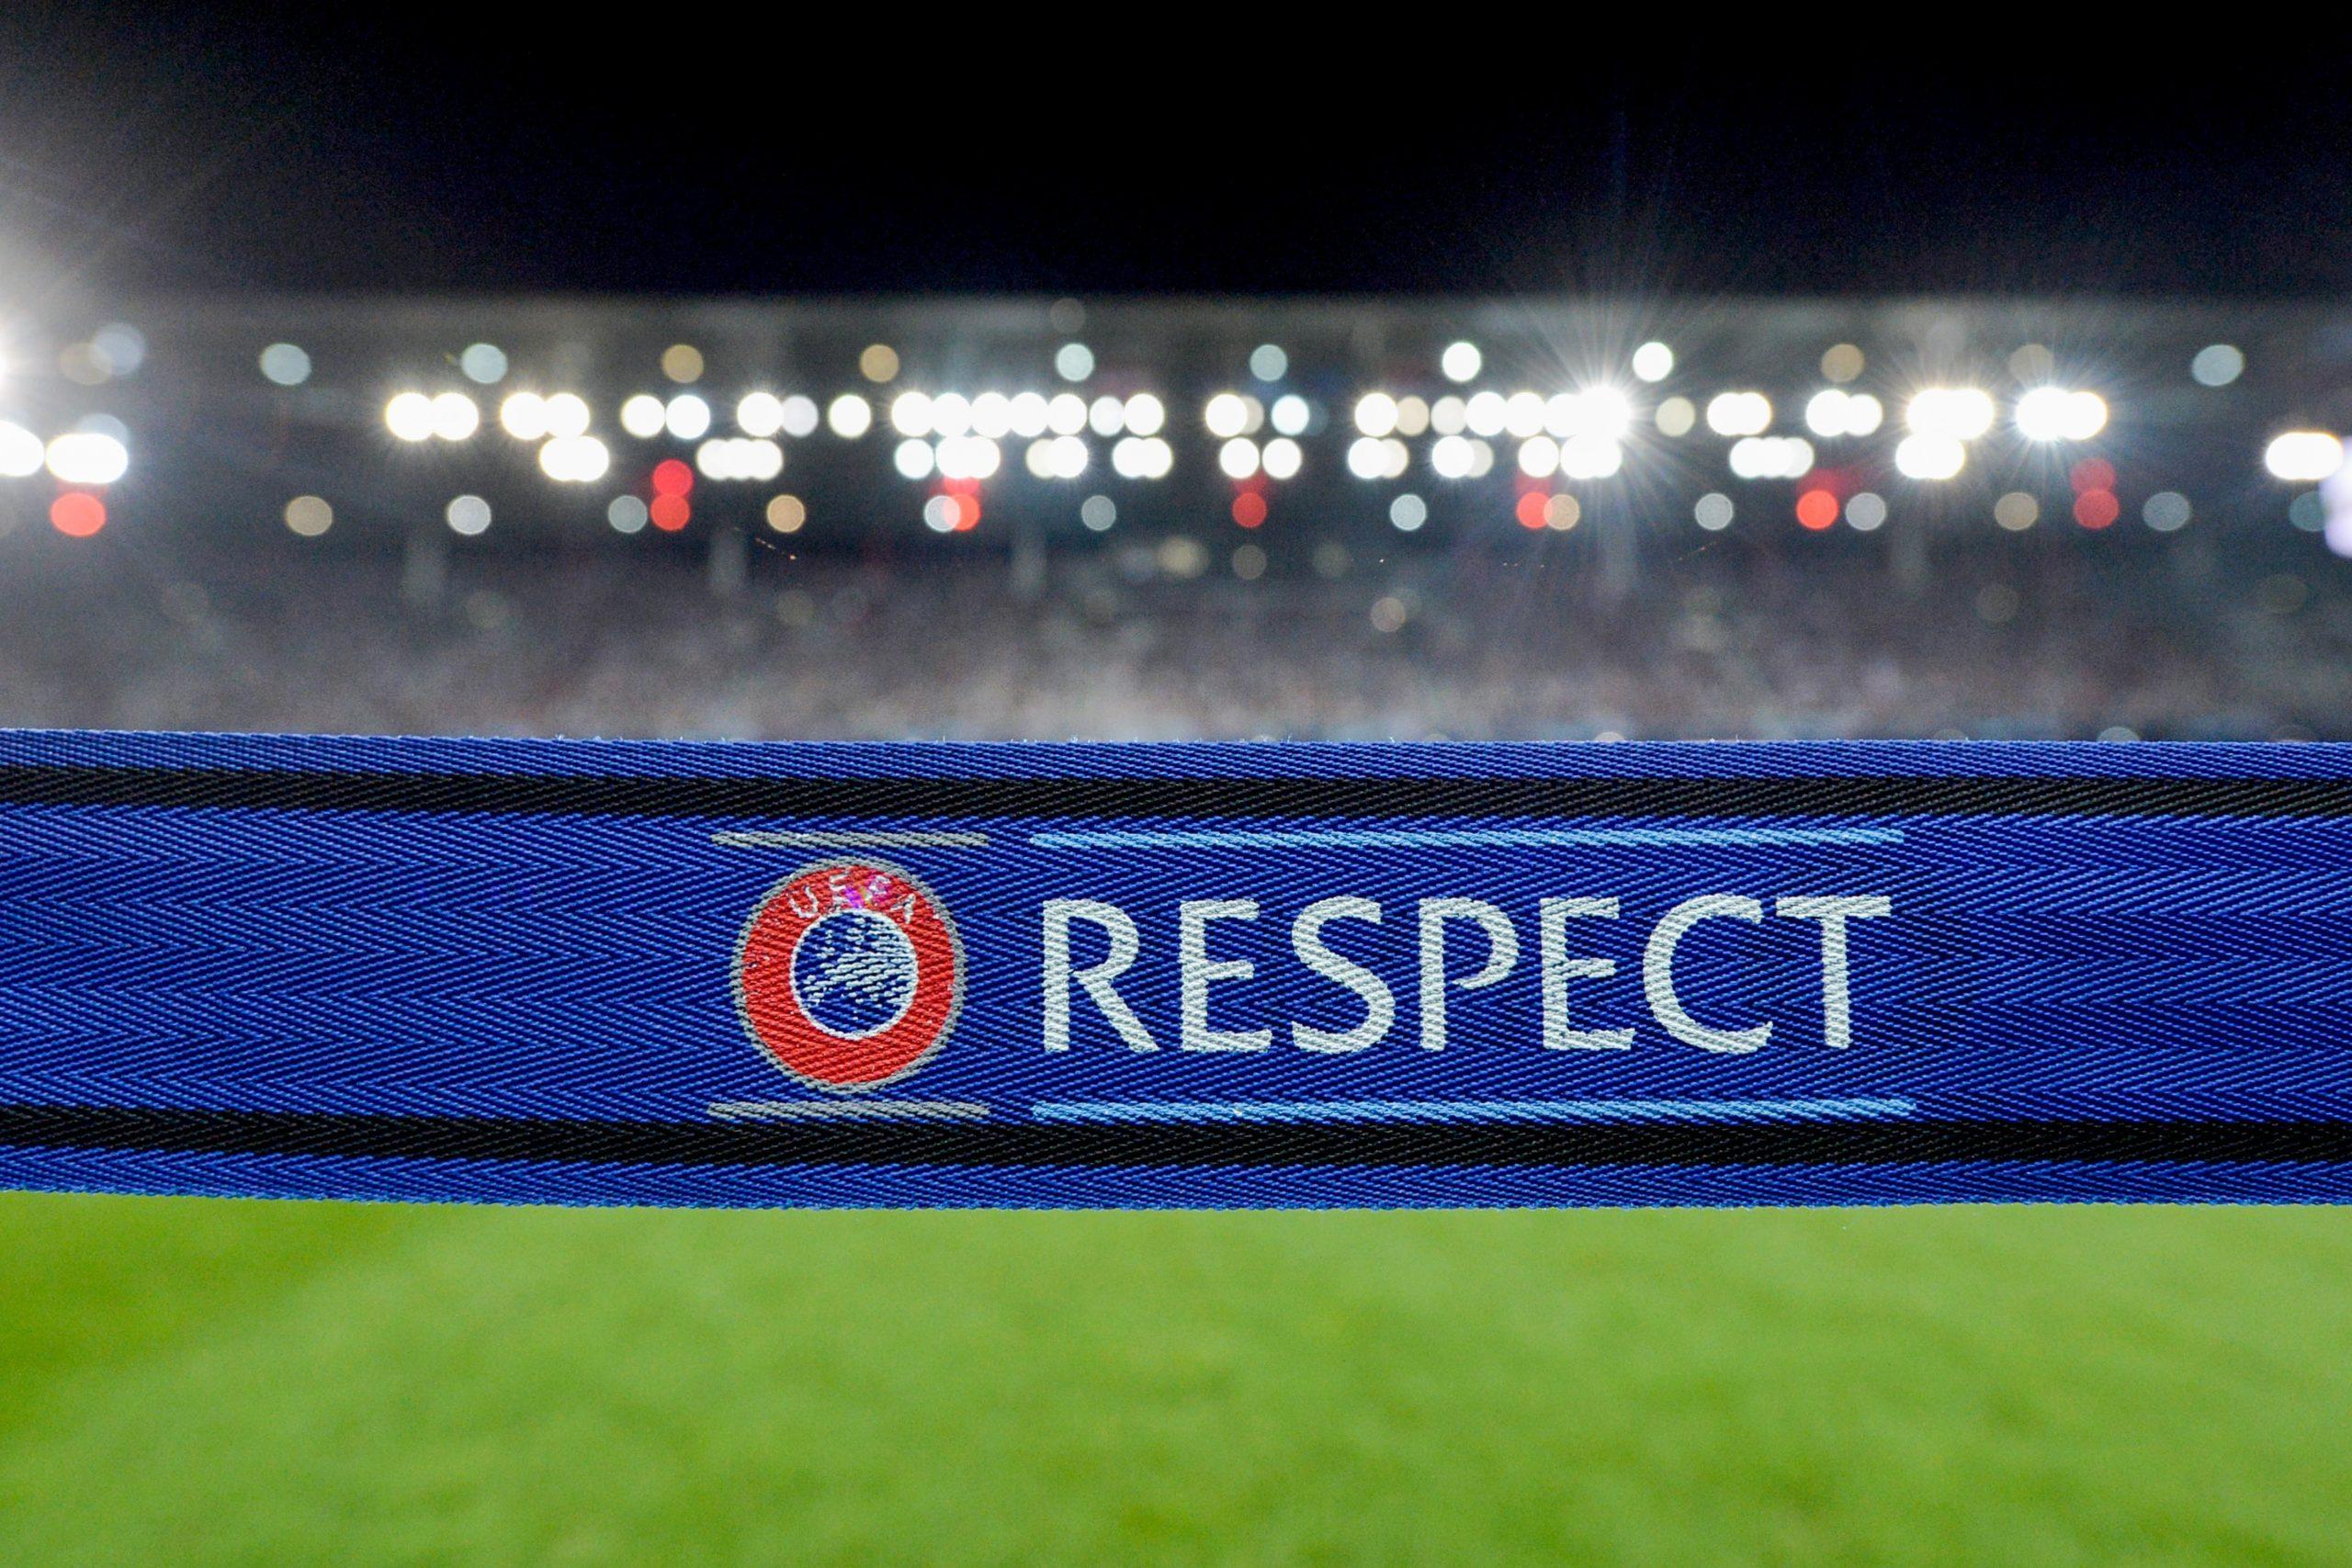 Officiel - La Ligue des Champions 2019-2020 sera terminée avec un Final 8 à Lisbonne en août